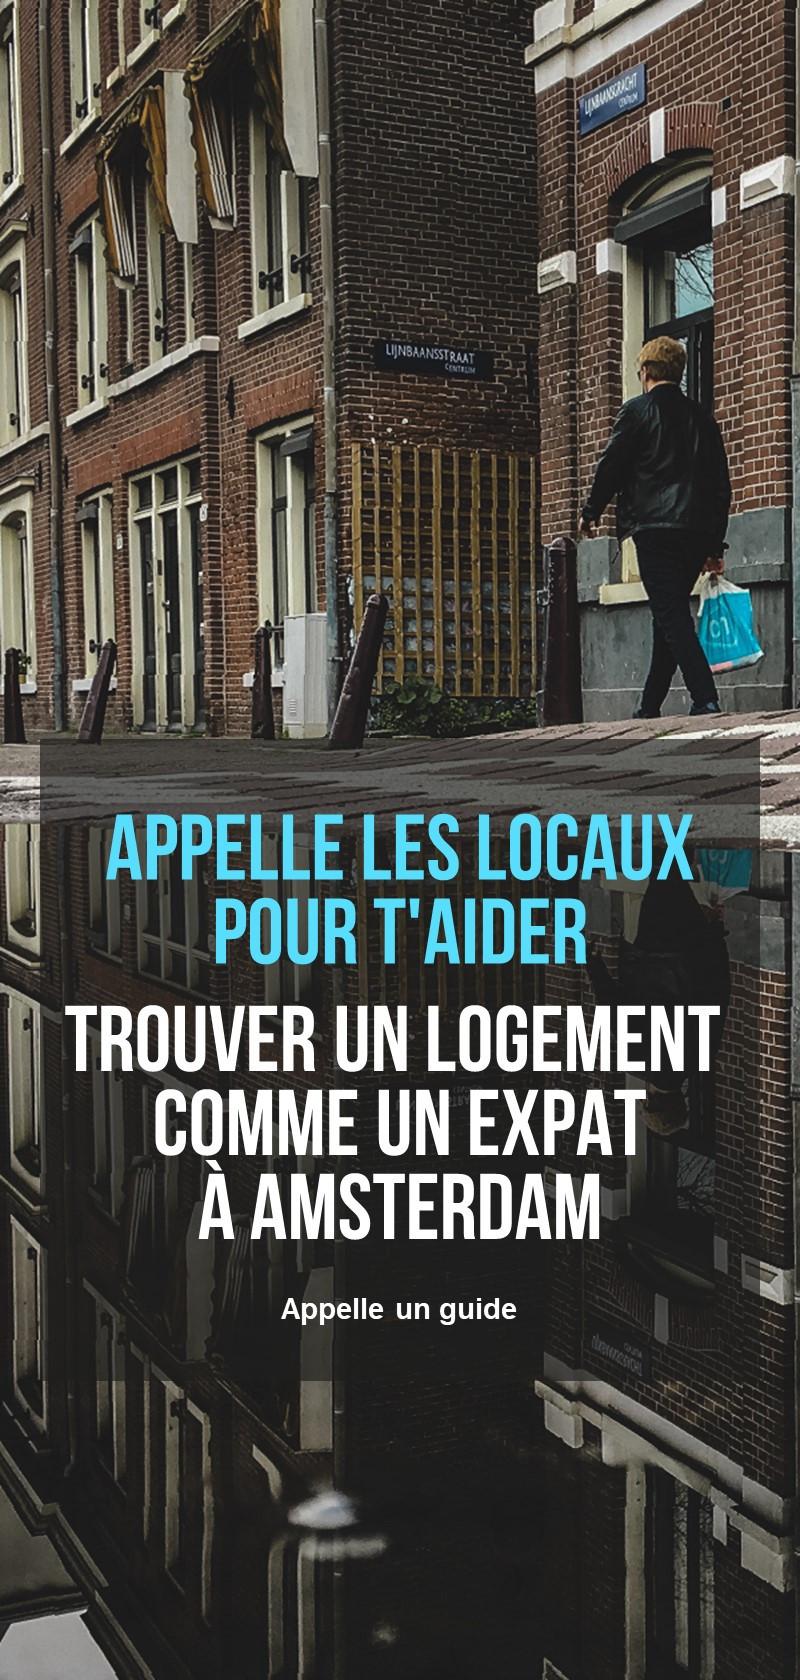 Trouver une maison en tant que expatrié à Amsterdam